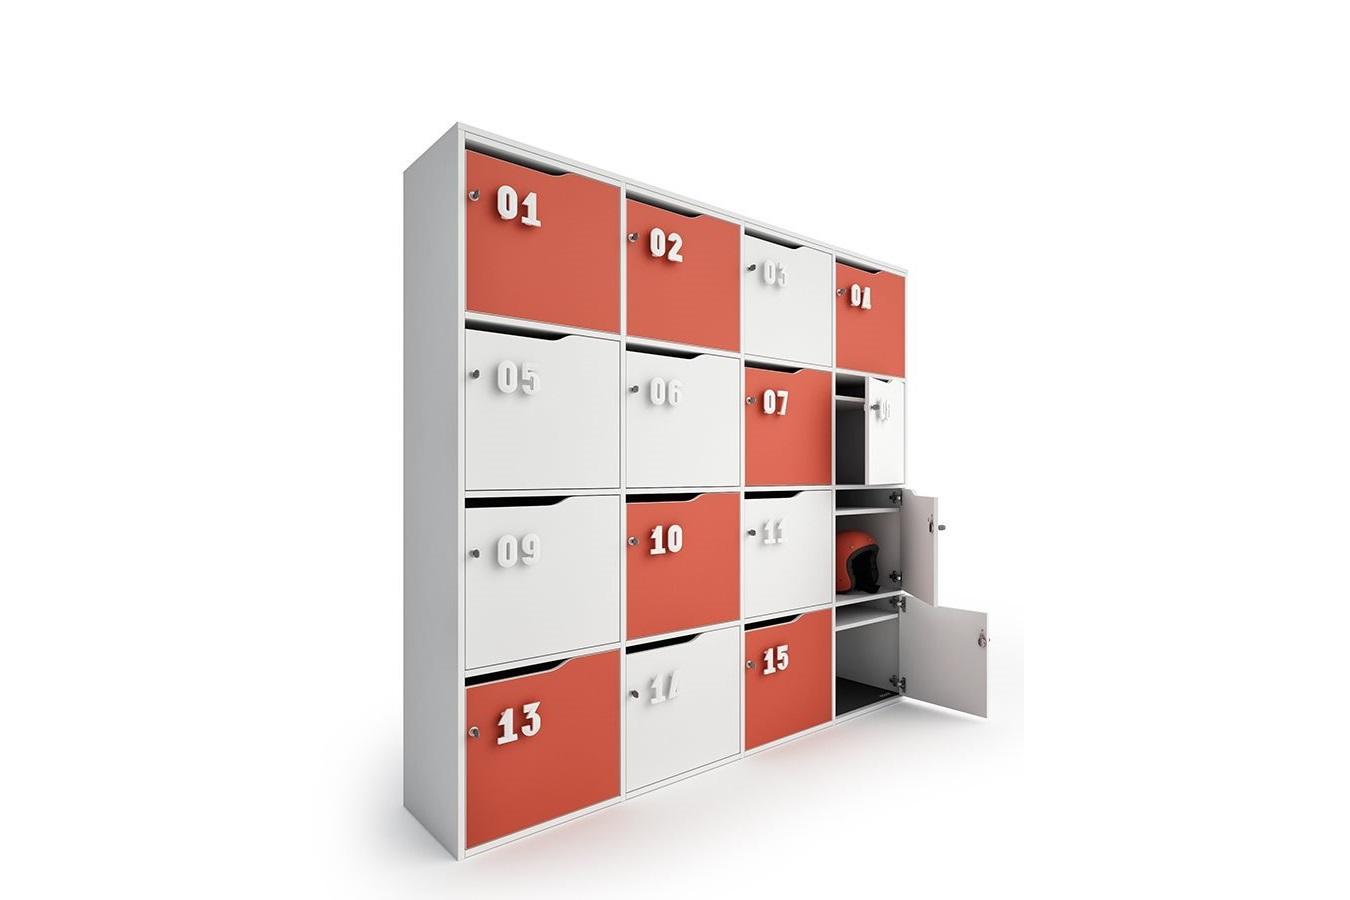 Lochers armadietti contenitori con serratura palestra banca scuola - riganelli